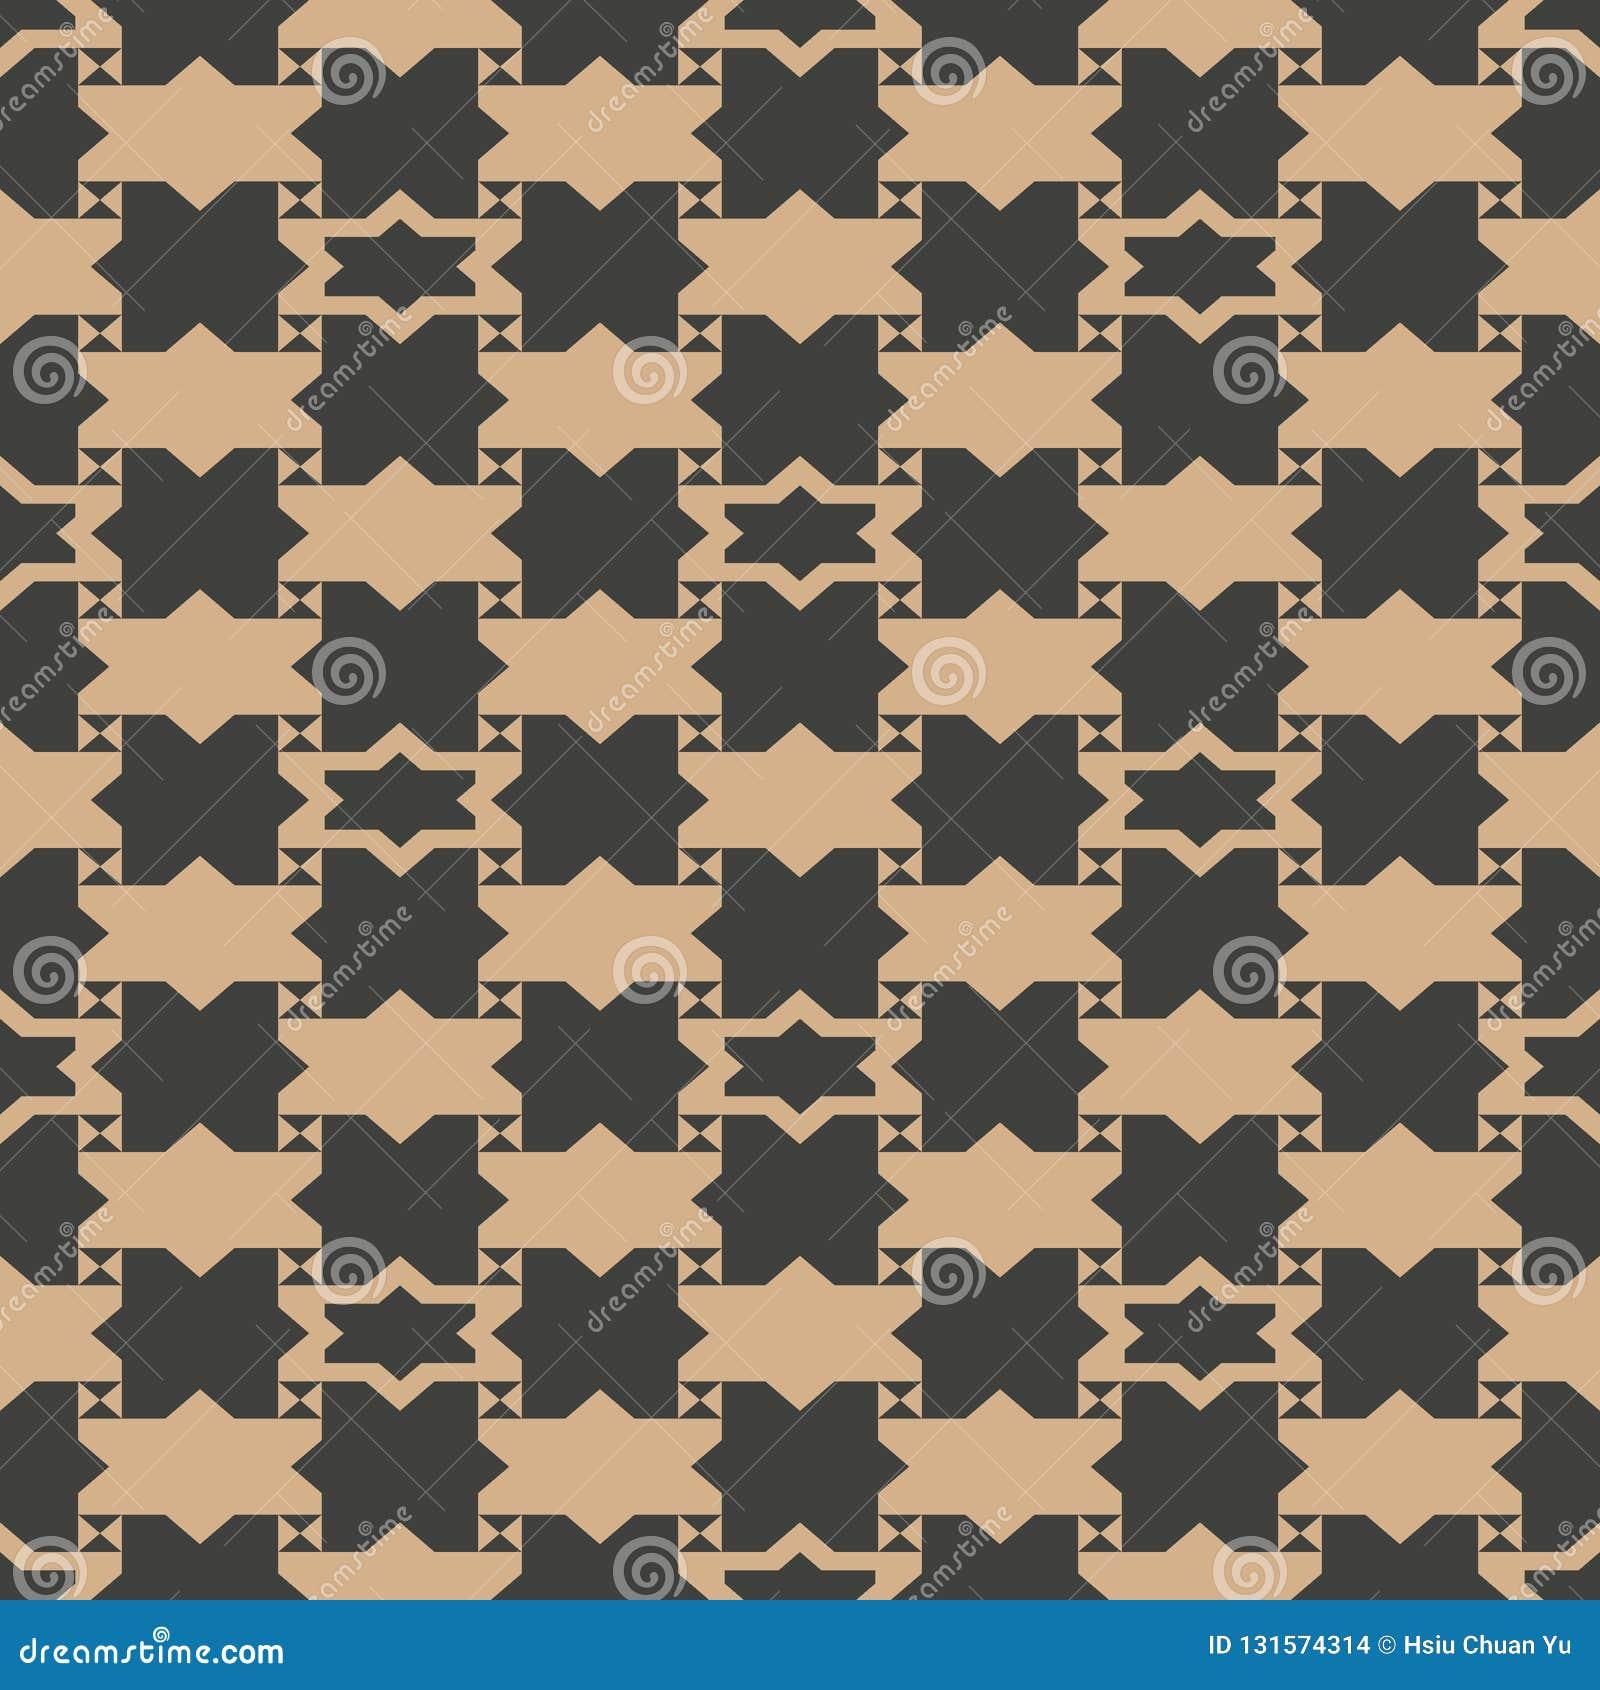 Vector van de van het achtergrond damast naadloos retro patroon de meetkunde dwarskader sterveelhoek Het elegante ontwerp van de